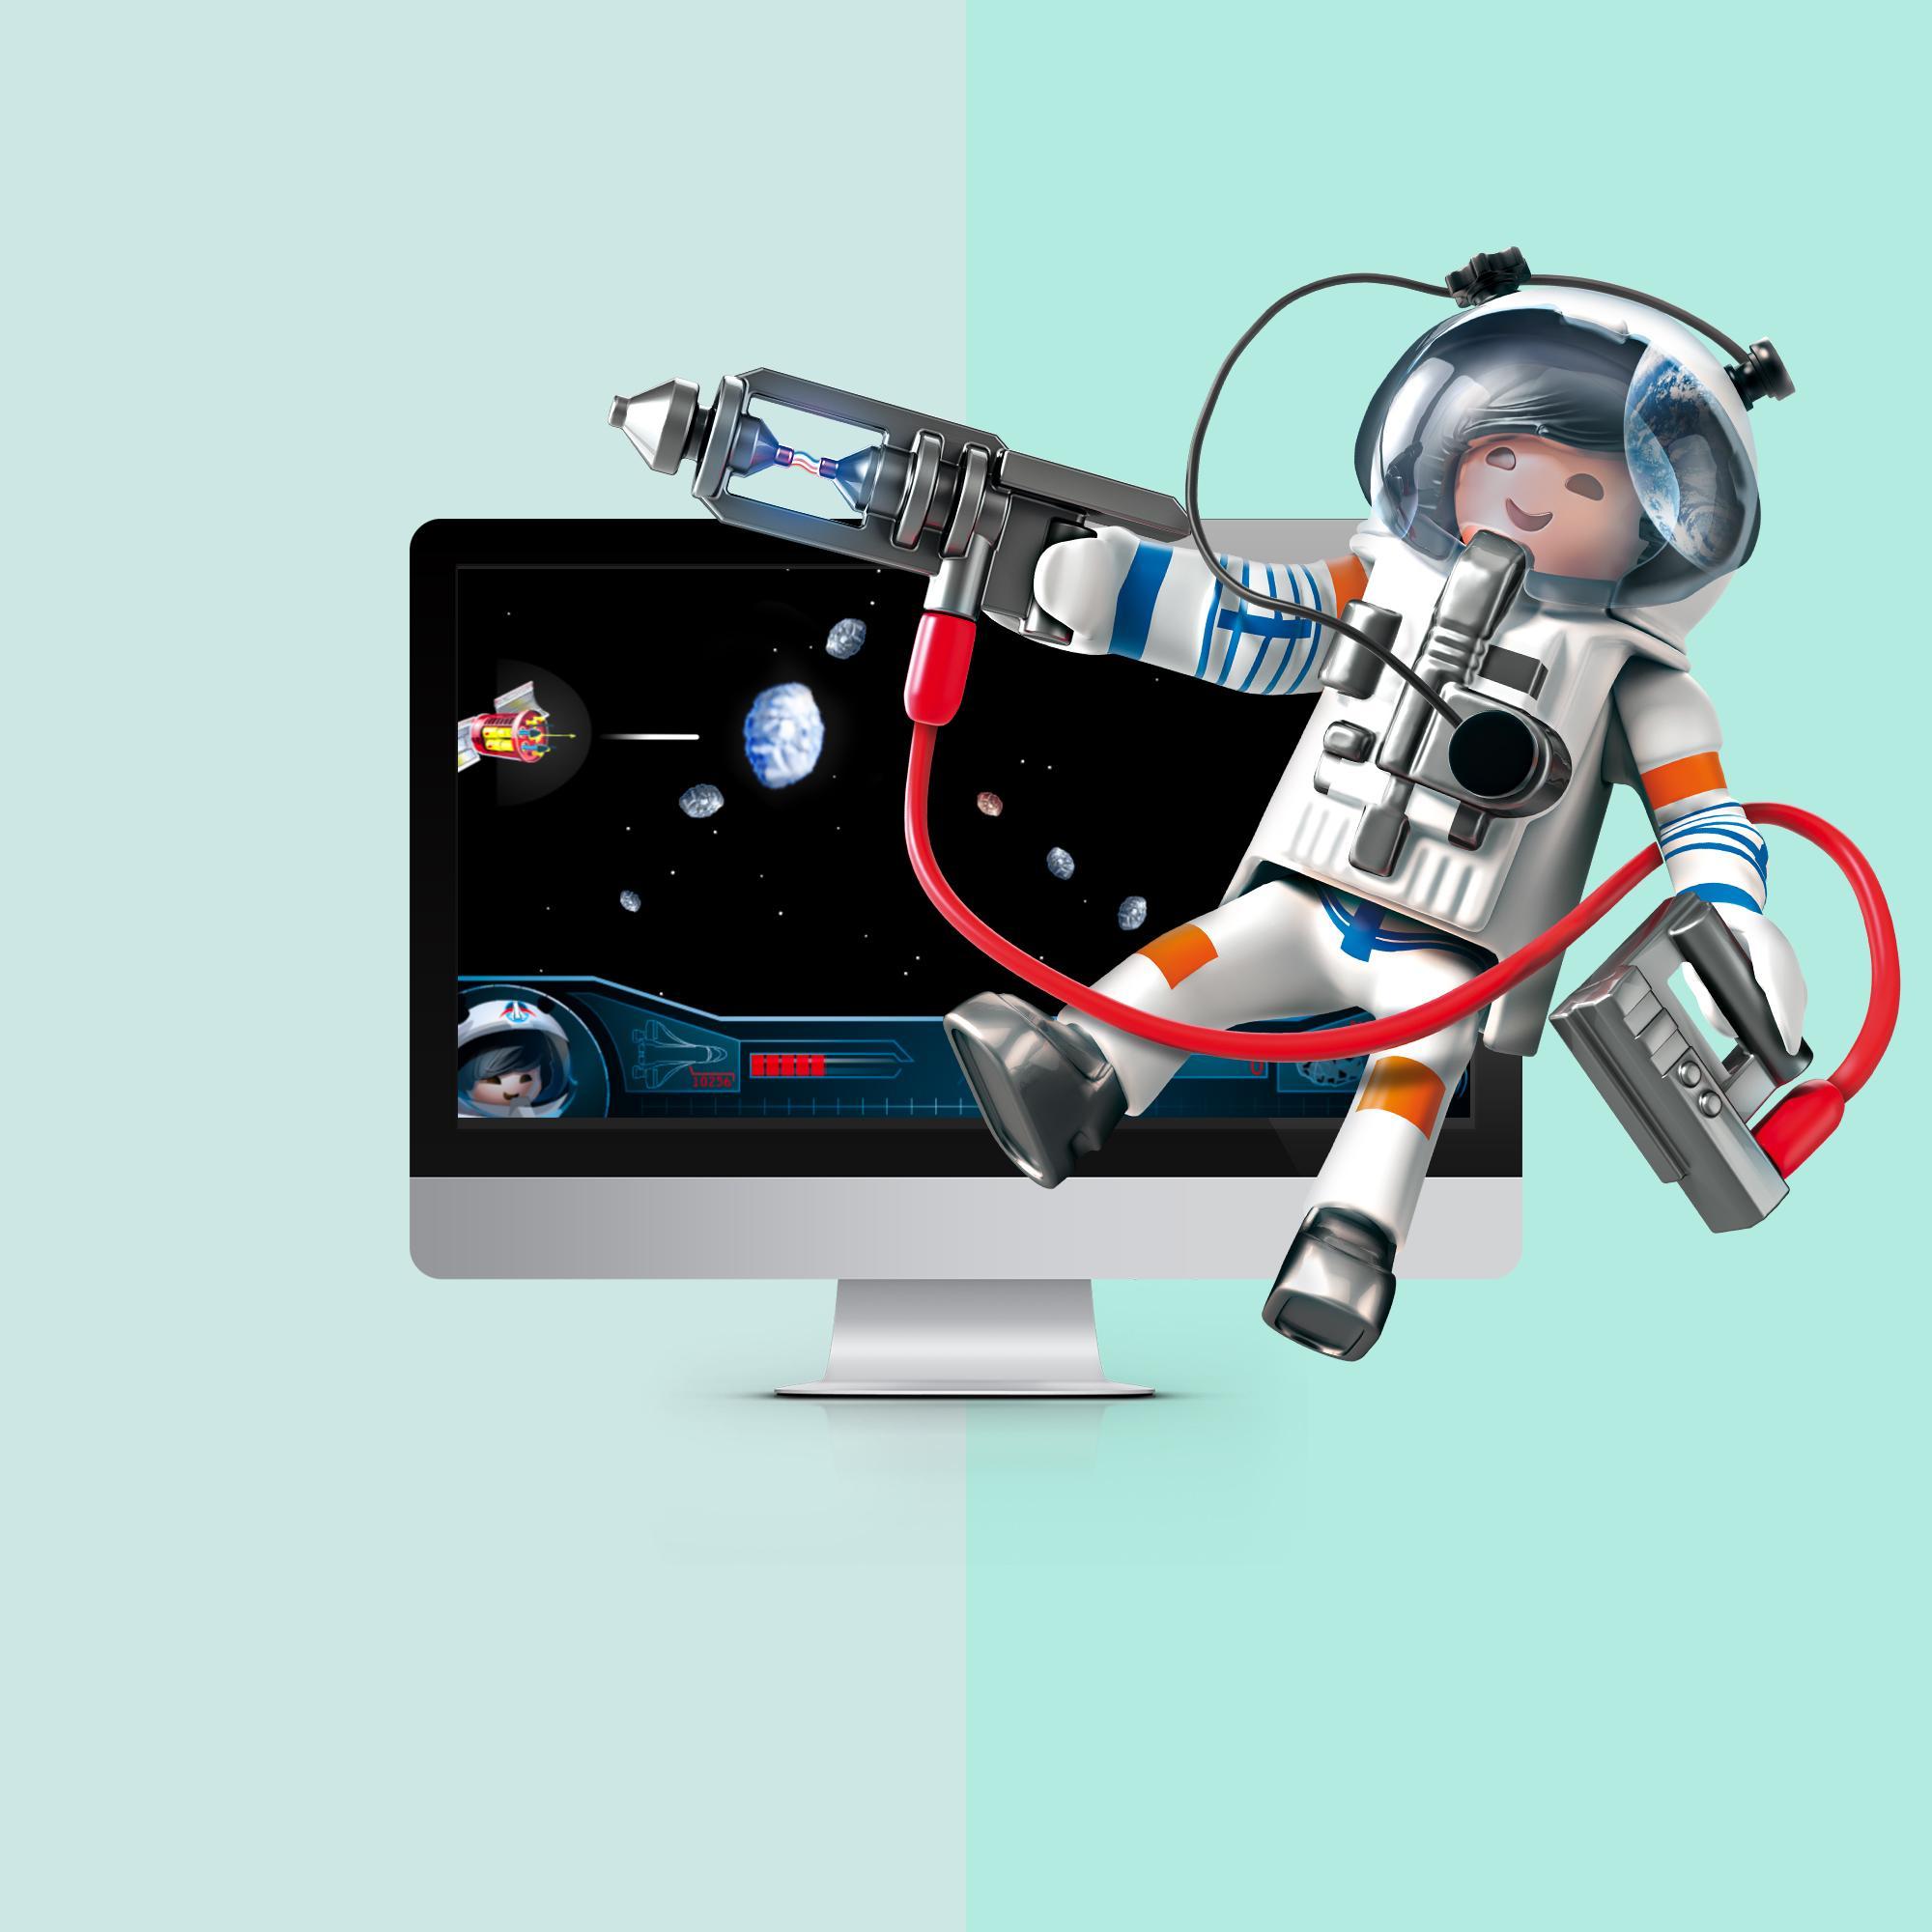 www.playmobil online spiele.de